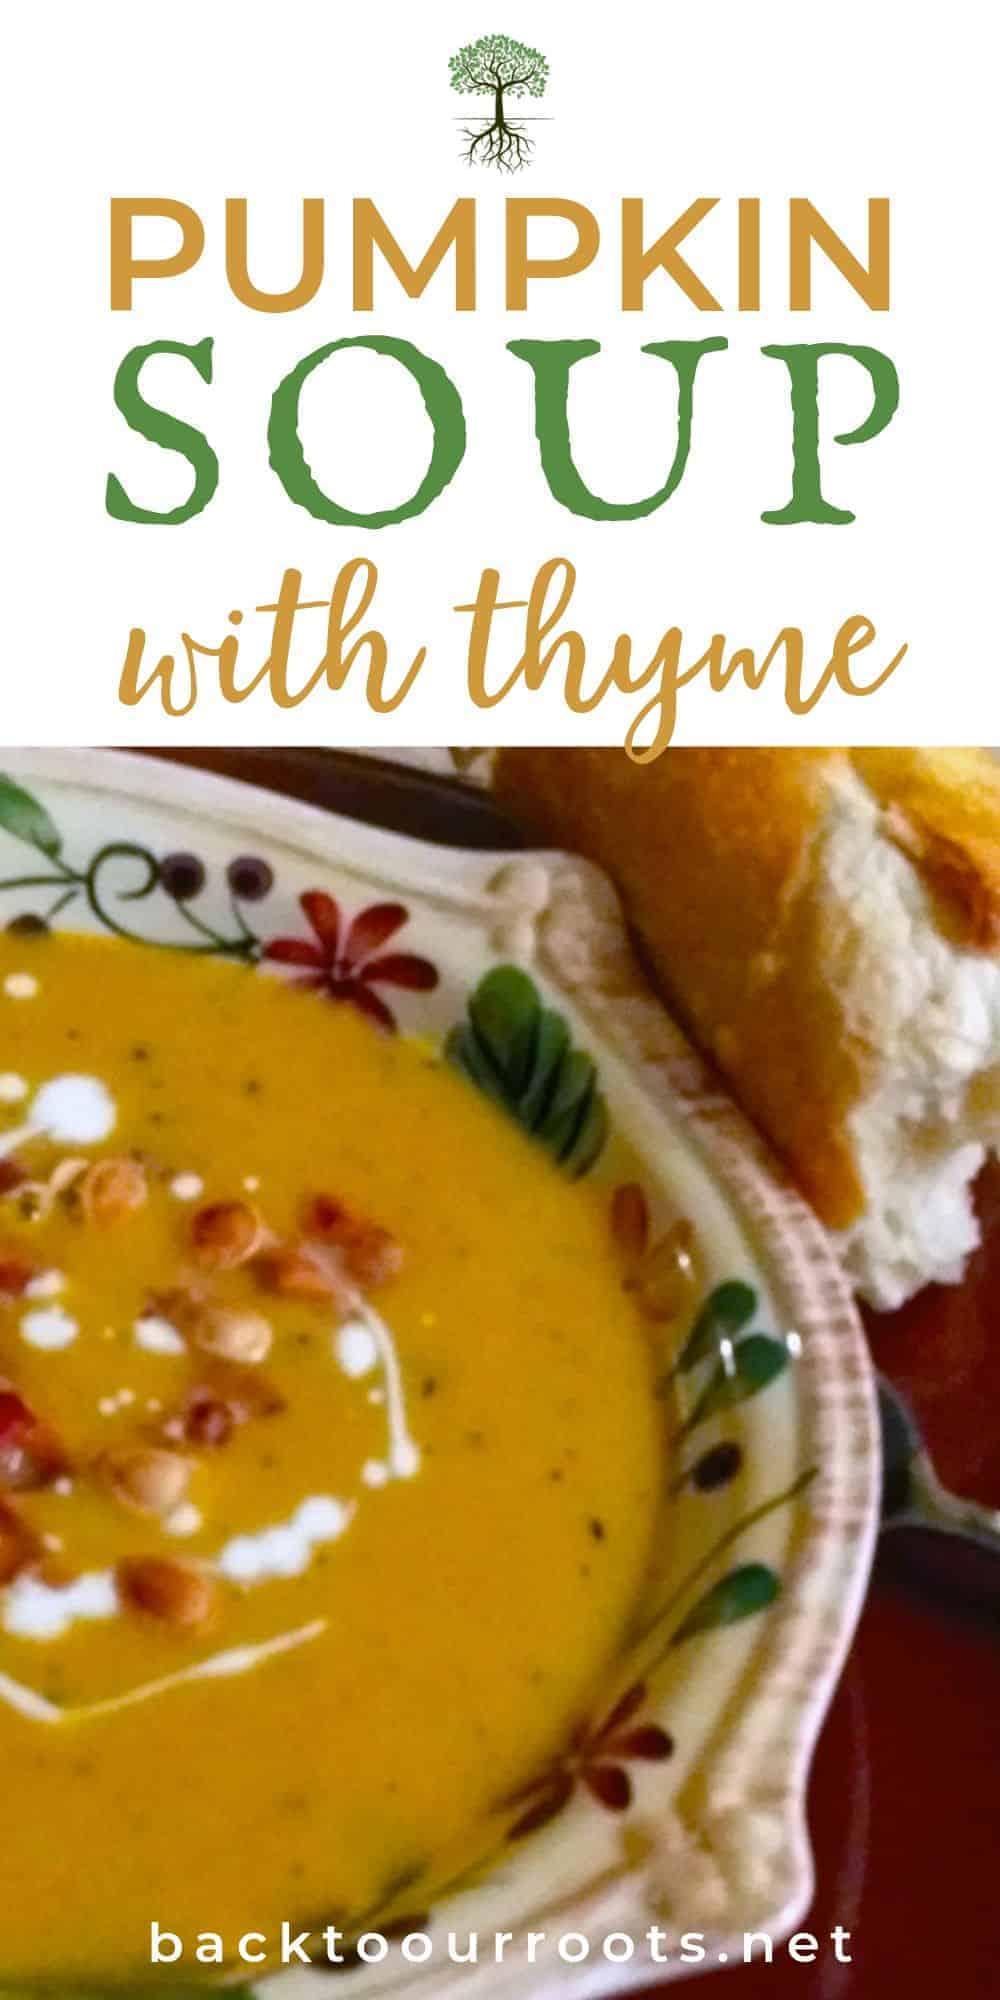 Savory Pumpkin Thyme Soup